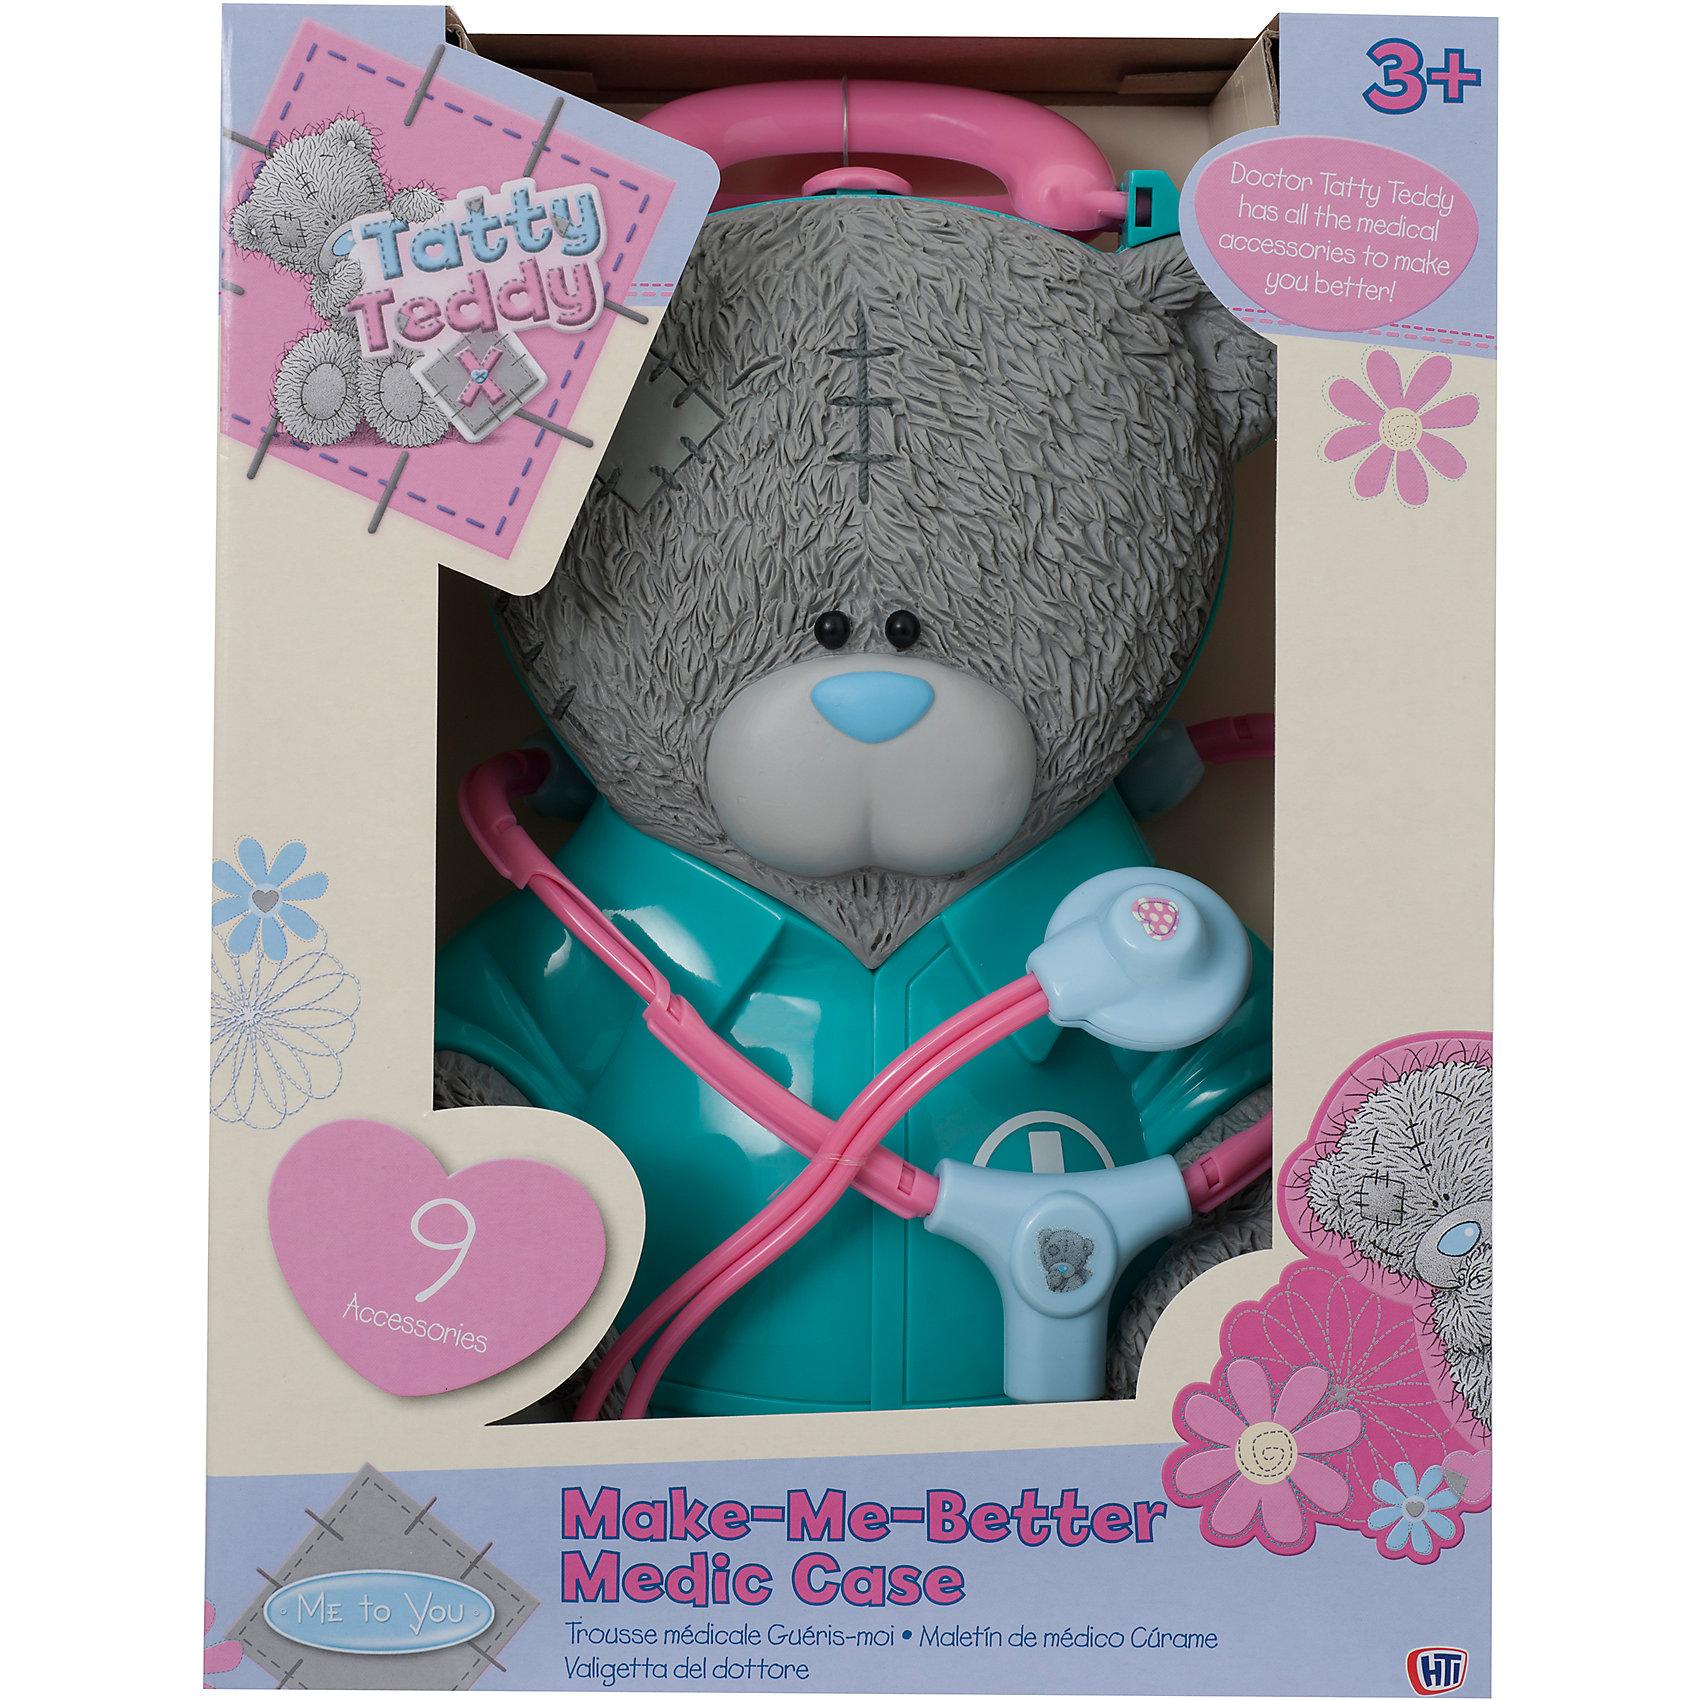 Набор доктора Me to you, HTIСюжетно-ролевые игры<br>Набор доктора Me to you, HTI – это чемоданчик в виде плюшевого мишки, в котором есть всё для оказания медицинской помощи.<br>Набор доктора Me to you, HTI покорит вашу дочку с первого взгляда! Этот набор позволит вашему ребенку вылечить все свои игрушки. В нем есть 9 игрушечных медицинских принадлежностей, которые хранятся в чемоданчике в виде мишки Тедди. Чемоданчик закрывается на защелку и оснащен ручкой для переноски. Набор изготовлен из яркого нетоксичного пластика.<br><br>Дополнительная информация:<br><br>- В наборе: стетоскоп, баночка для лекарств, молоточек, шприц, ножницы, пинцет, градусник, пластырь, инструмент стоматолога<br>- Материал: пластик, плюш<br>- Размер упаковки: 34 x 26 x 12,5 см.<br>- Вес: 700 гр.<br><br>Набор доктора Me to you, HTI можно купить в нашем интернет-магазине.<br><br>Ширина мм: 340<br>Глубина мм: 260<br>Высота мм: 125<br>Вес г: 700<br>Возраст от месяцев: 36<br>Возраст до месяцев: 144<br>Пол: Женский<br>Возраст: Детский<br>SKU: 4243854